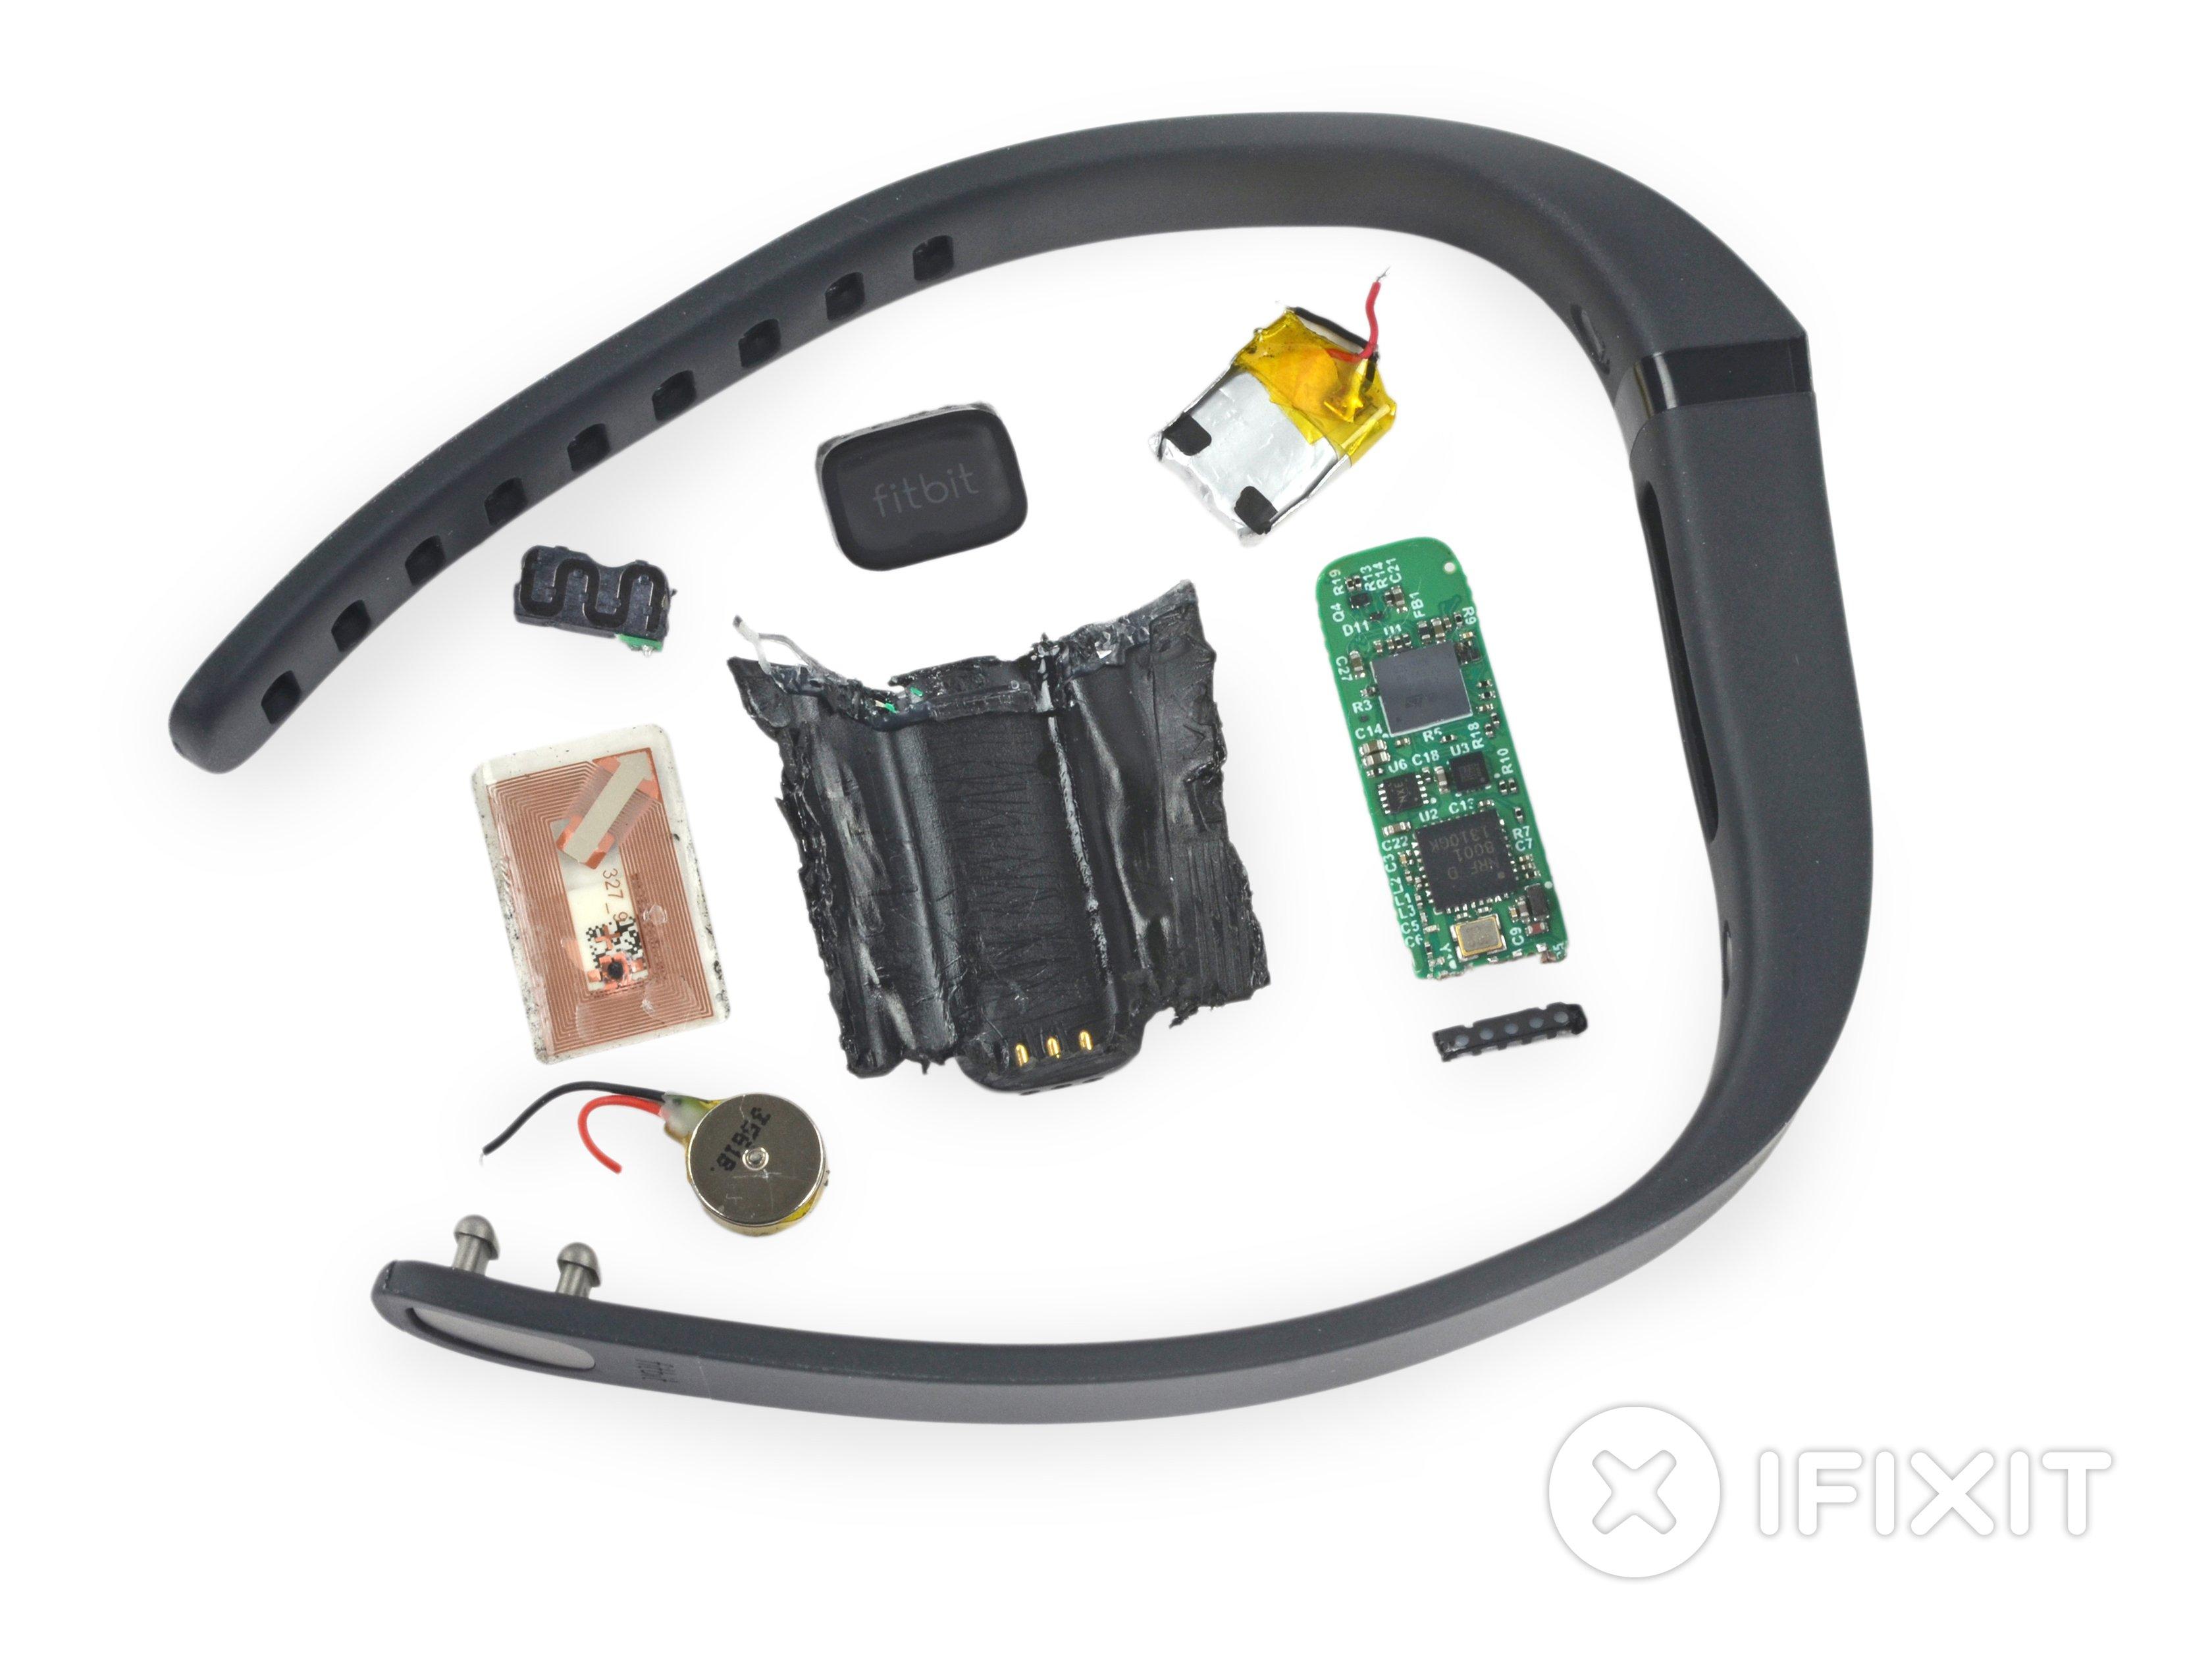 Fitbit Flex Teardown - iFixit